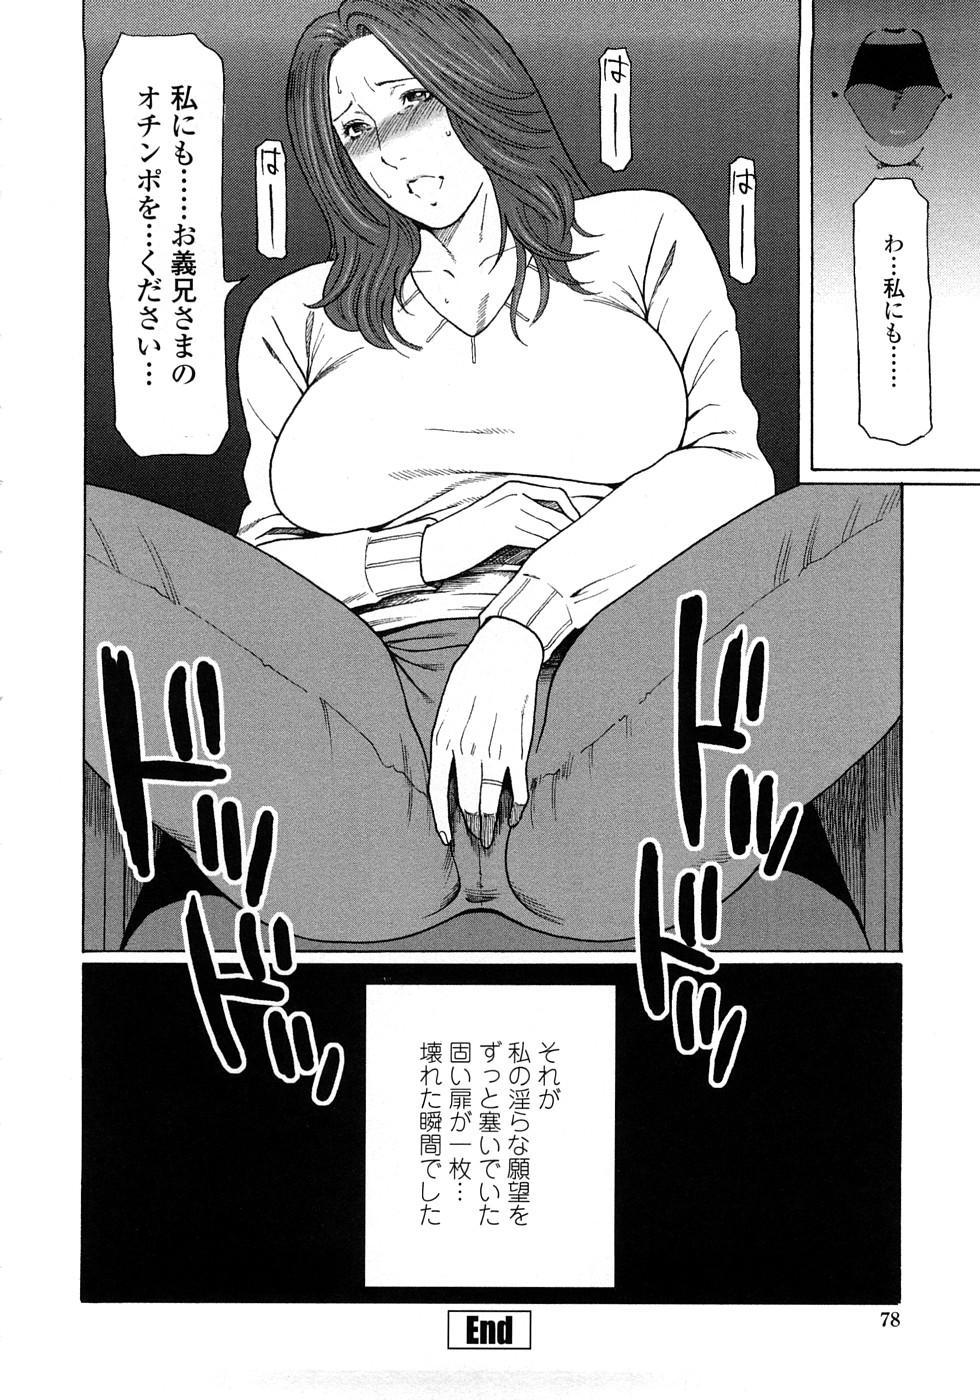 Etsuraku no Tobira - The Door of Sexual Pleasure 76